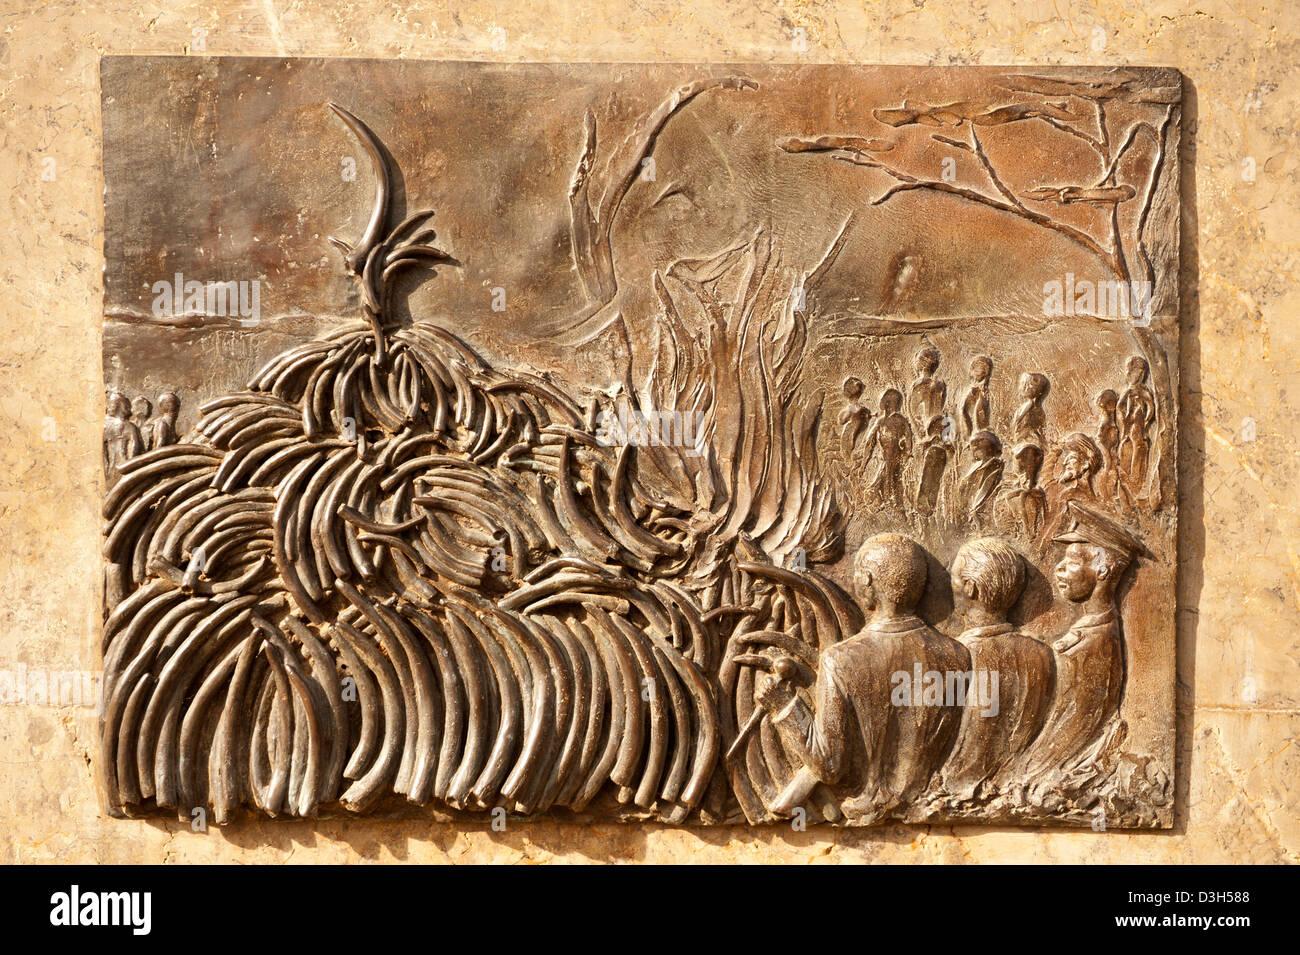 Memorial presso l'avorio bruciando sito, il Parco Nazionale di Nairobi, Nairobi, Kenia Immagini Stock